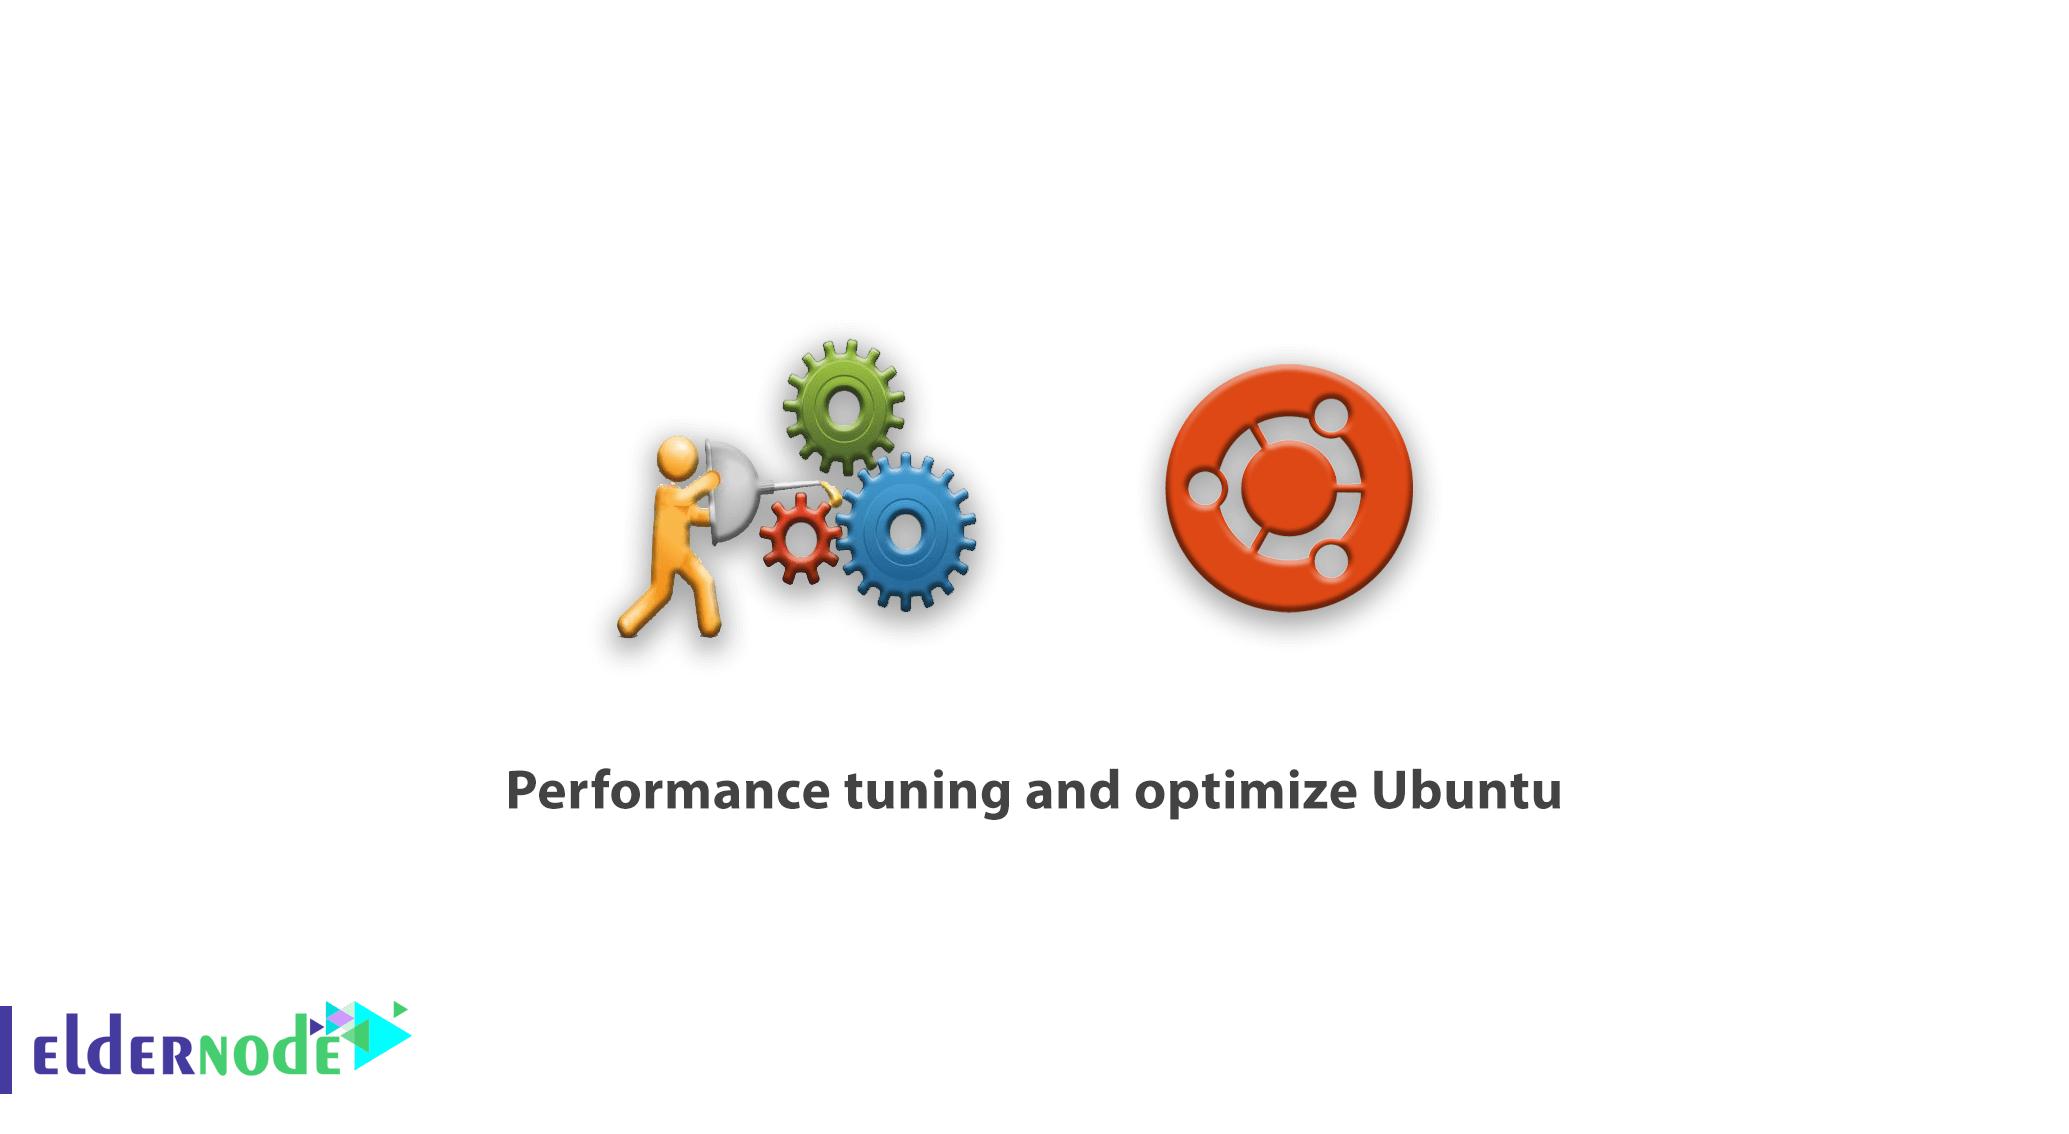 Performance tuning and optimize Ubuntu